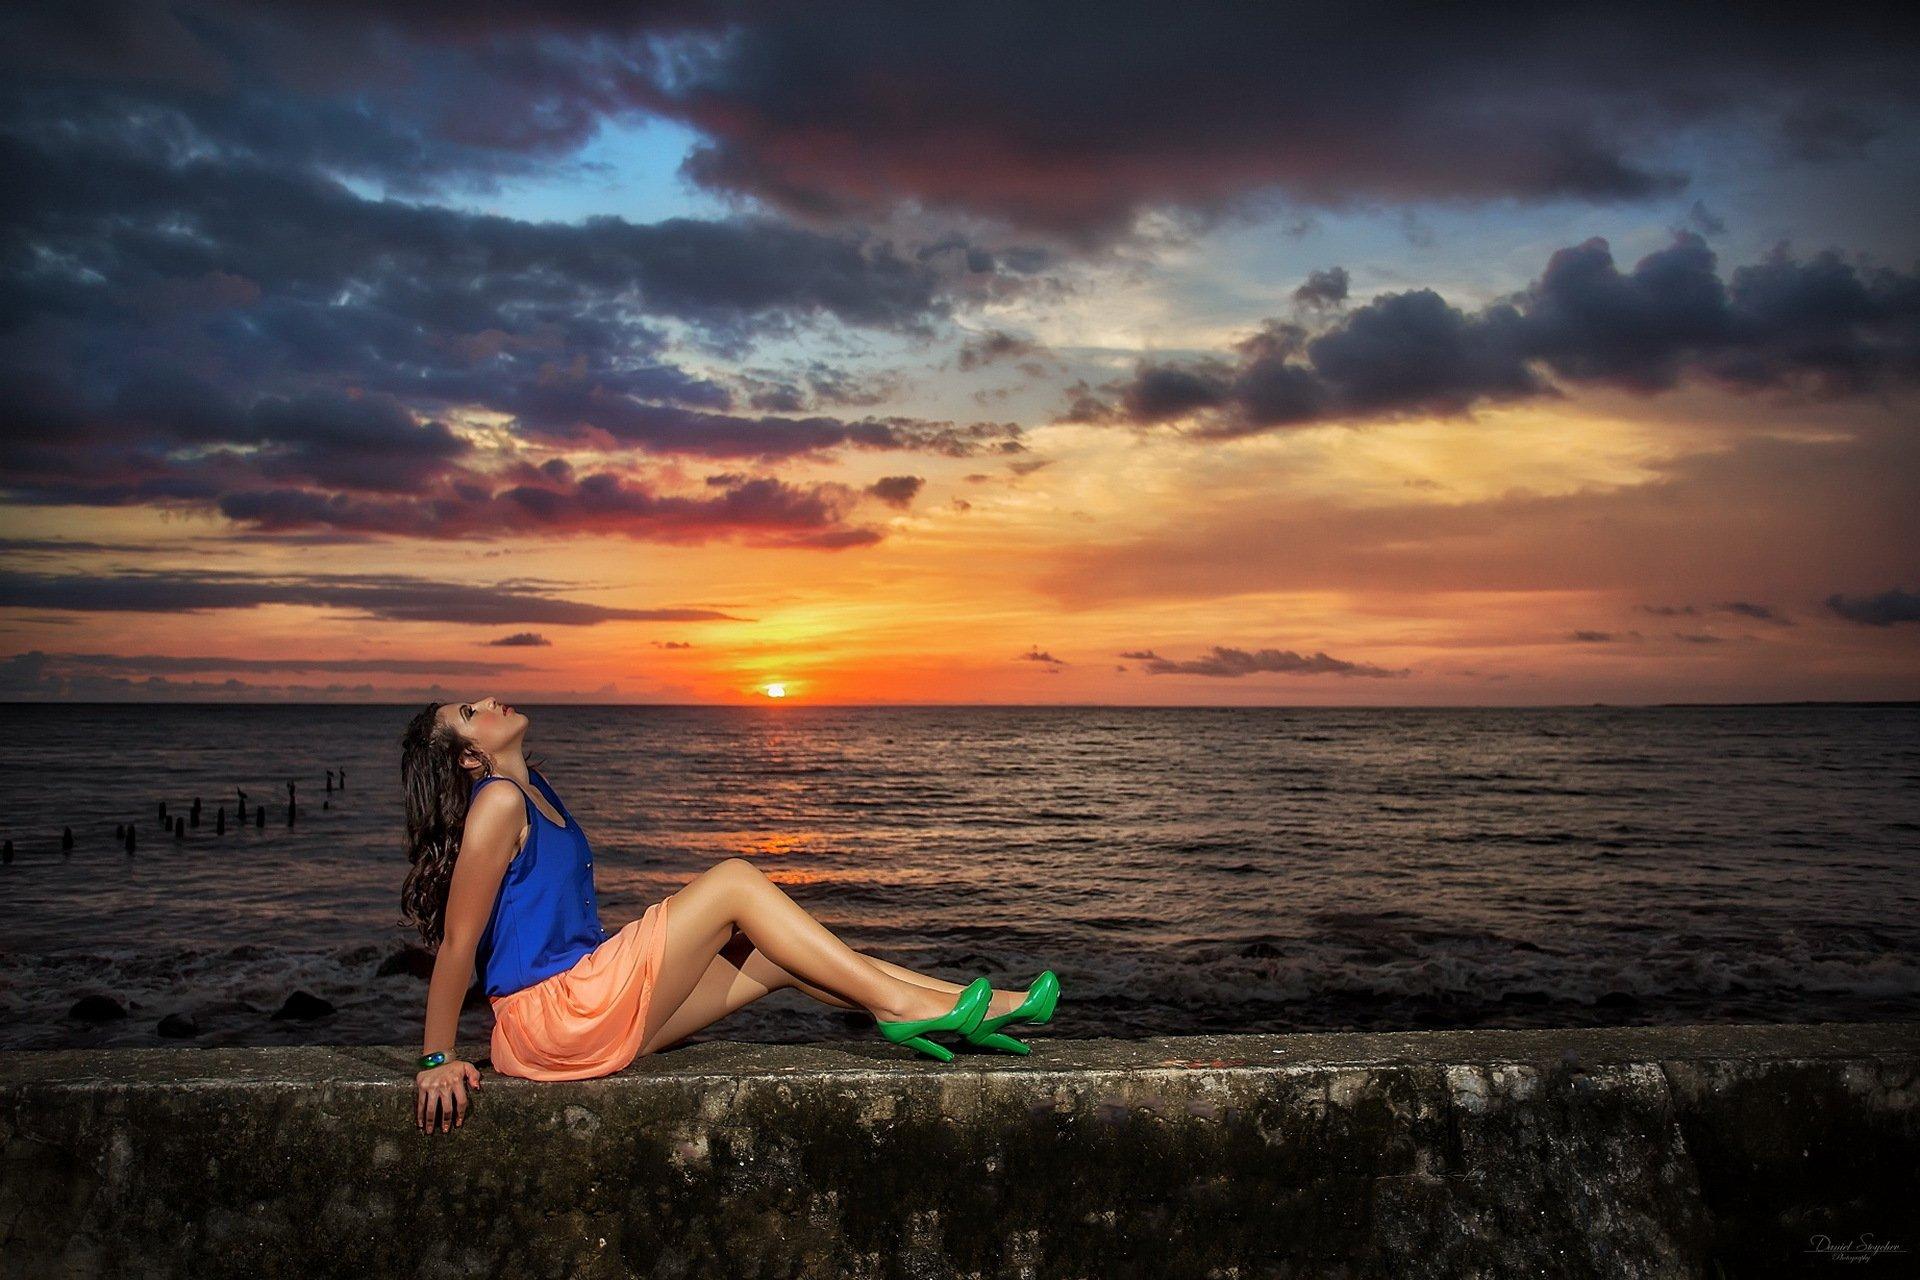 Фото красивых девушекбрюнеток отдыхающих на берегу моря 480, Голая брюнетка на берегу моря. Фото эротика 16 фотография